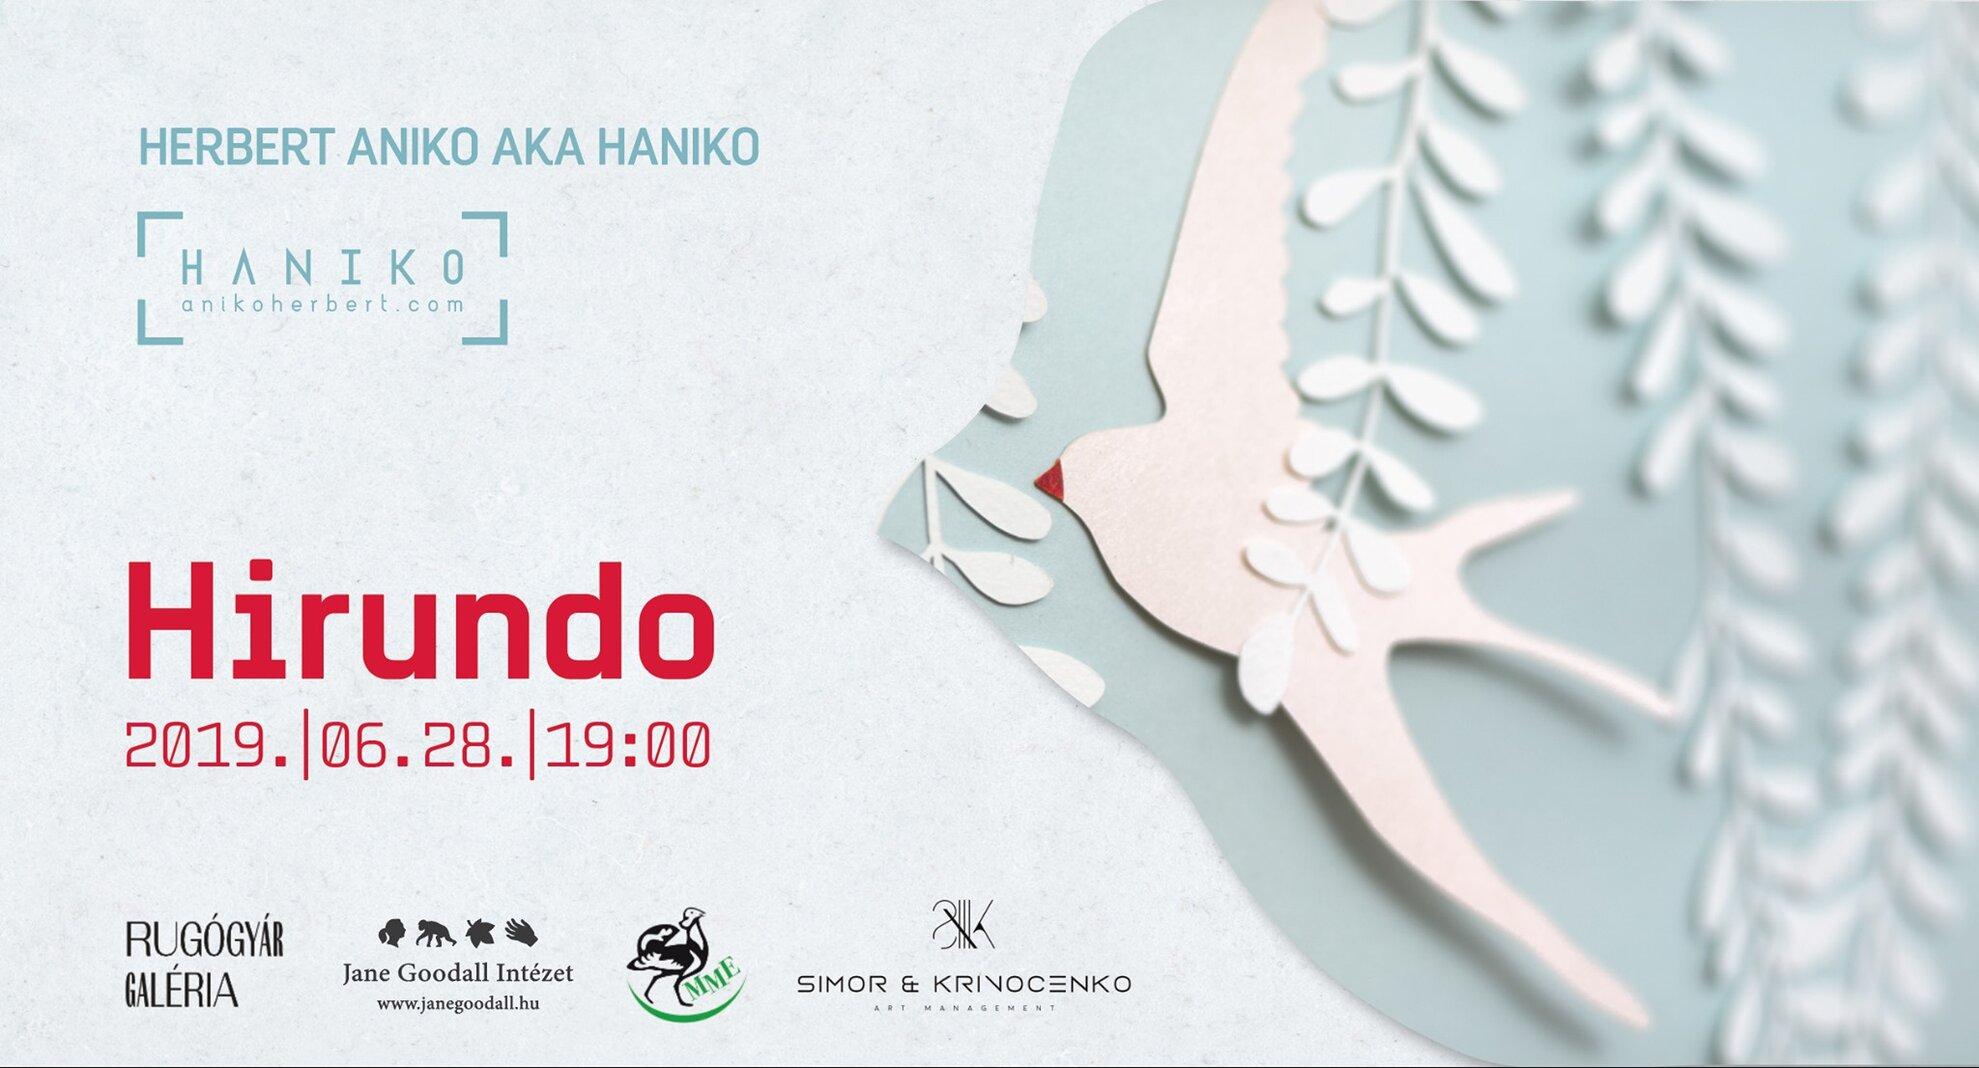 Herbert Aniko aka Haniko: Hirundo